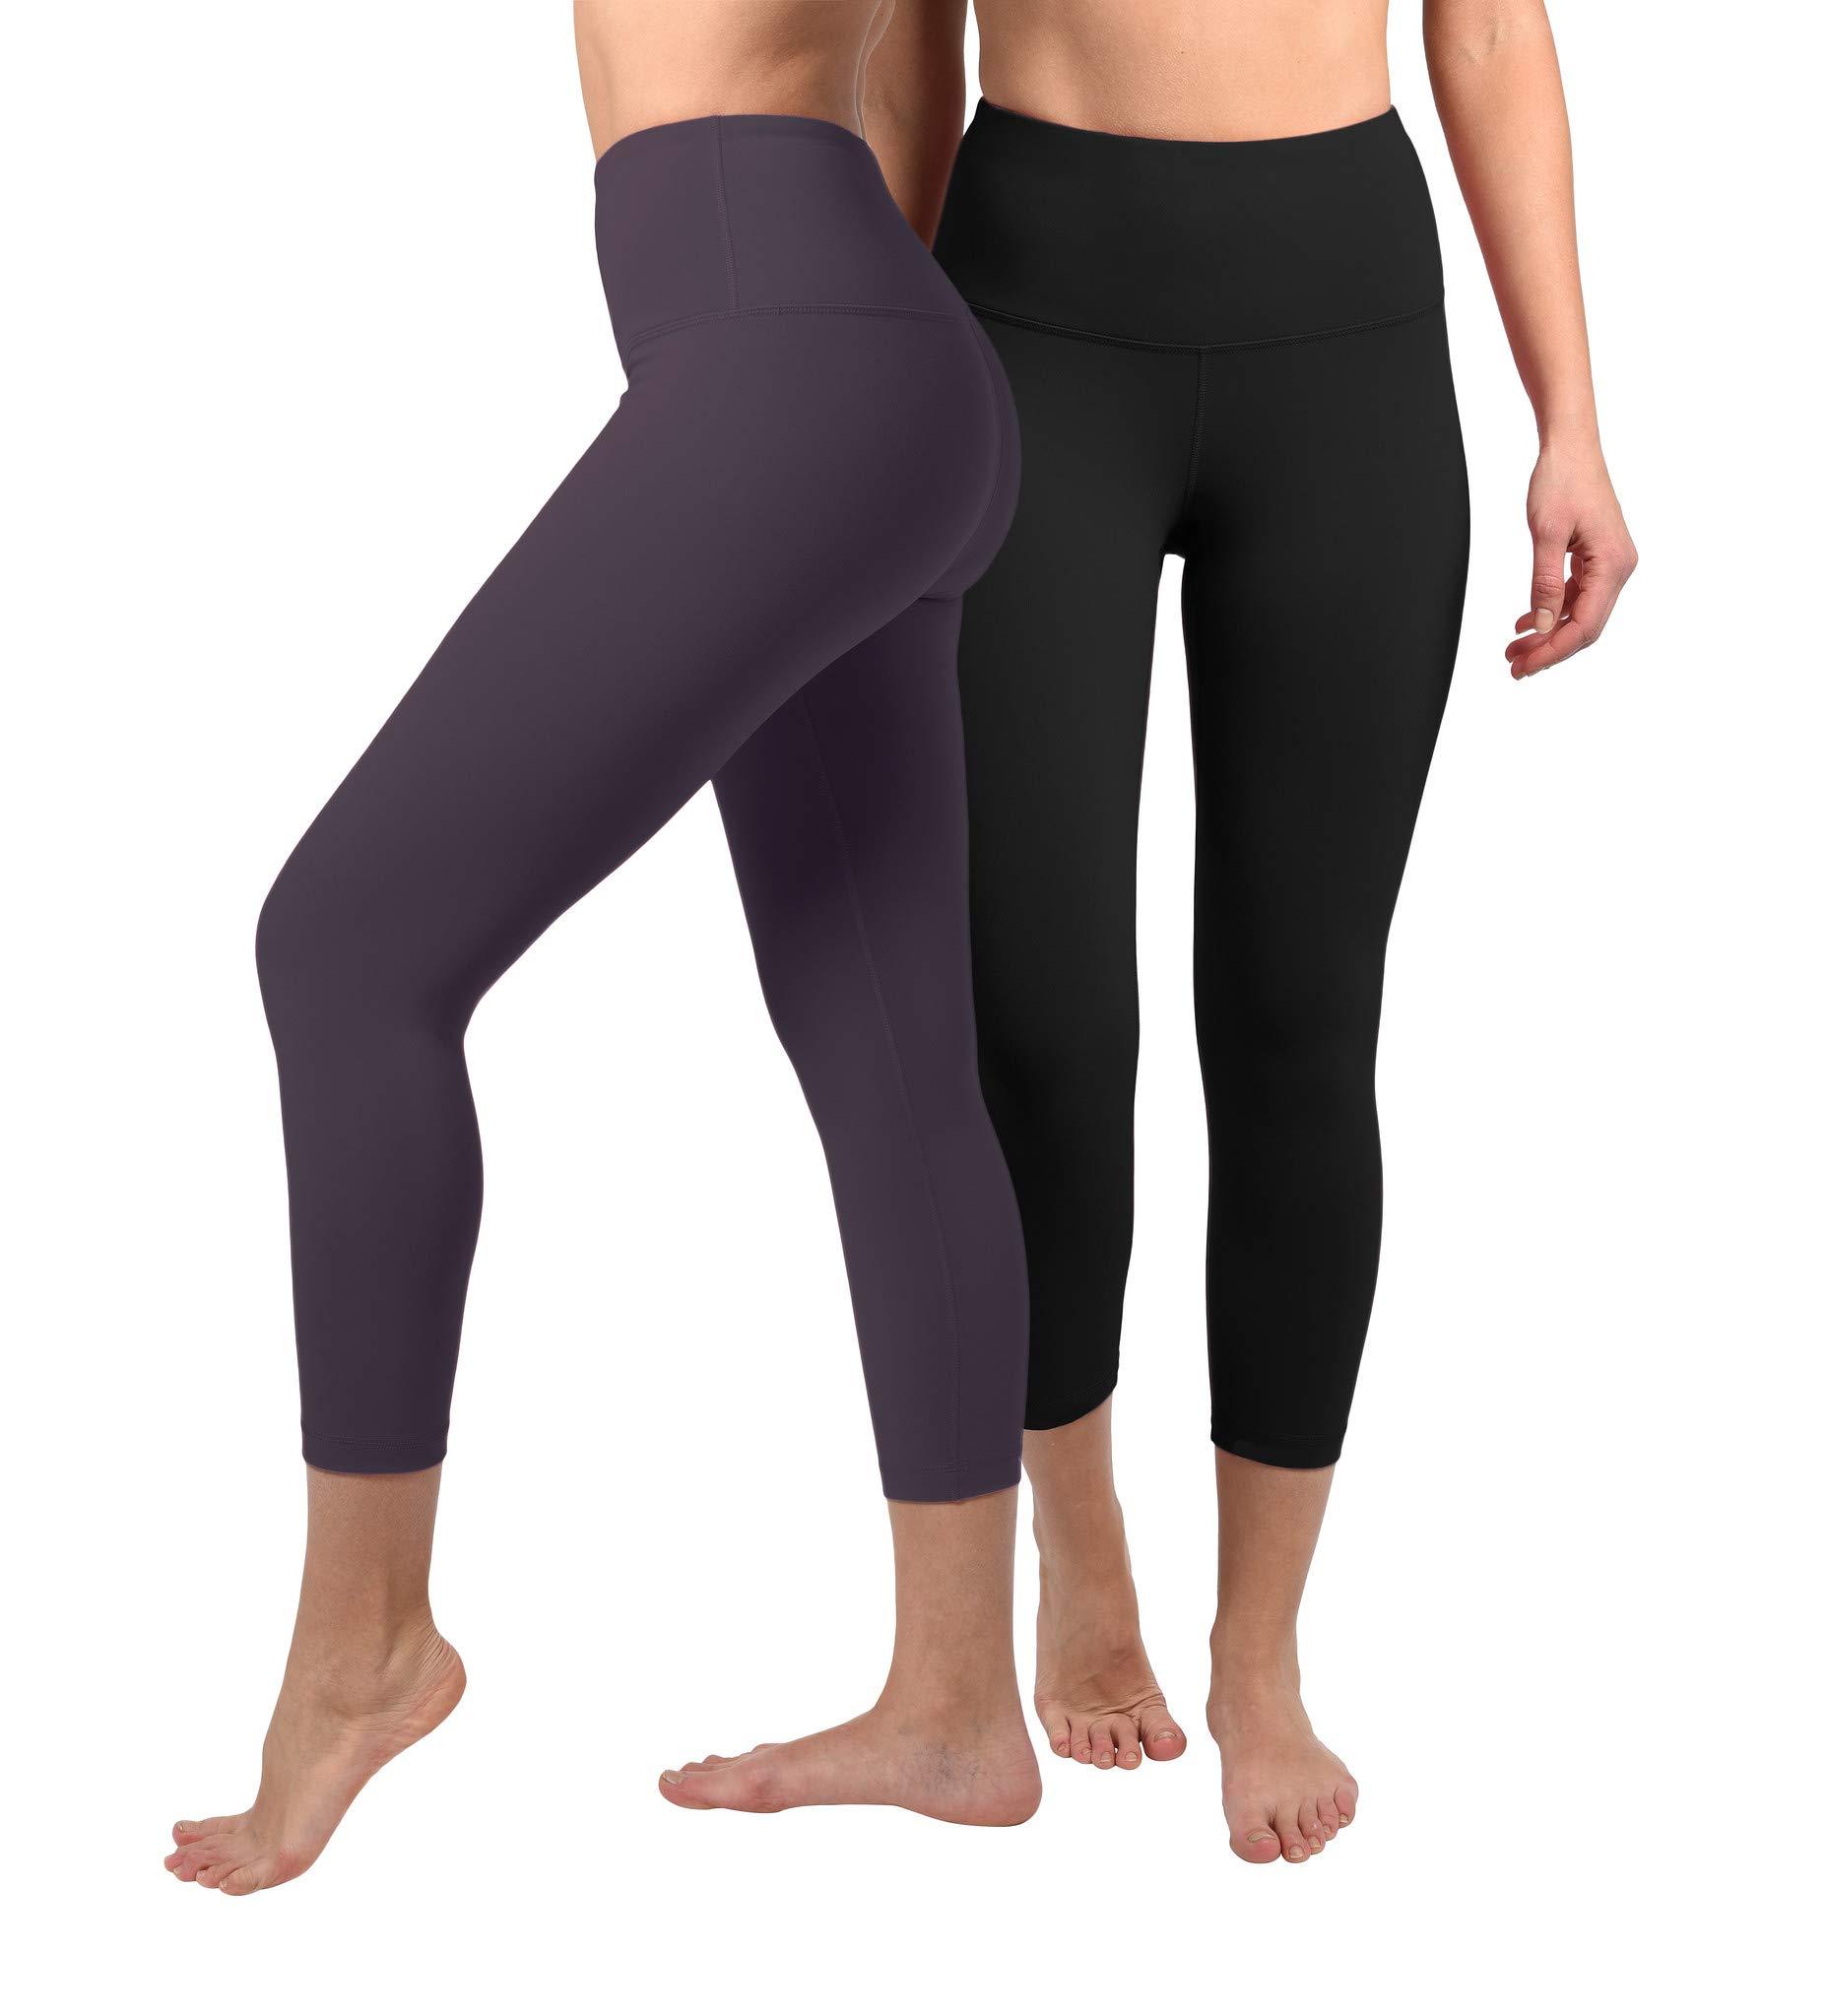 90 Degree By Reflex - High Waist Tummy Control Shapewear - Power Flex Capri - Black and Summer Fig 2 Pack - XS